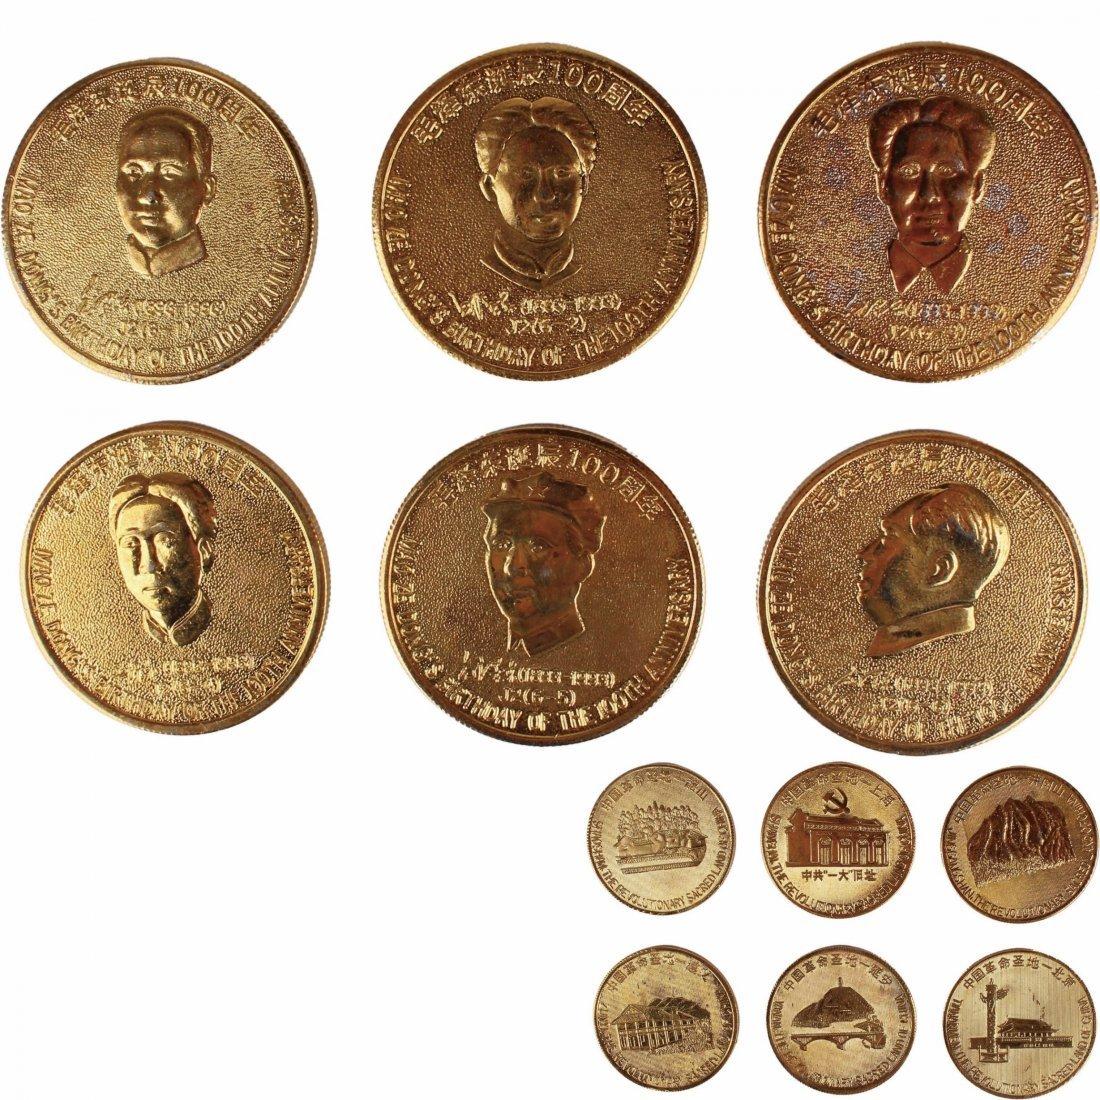 Six Coin Commemorative Set,Mao Ze Dong, Mondern